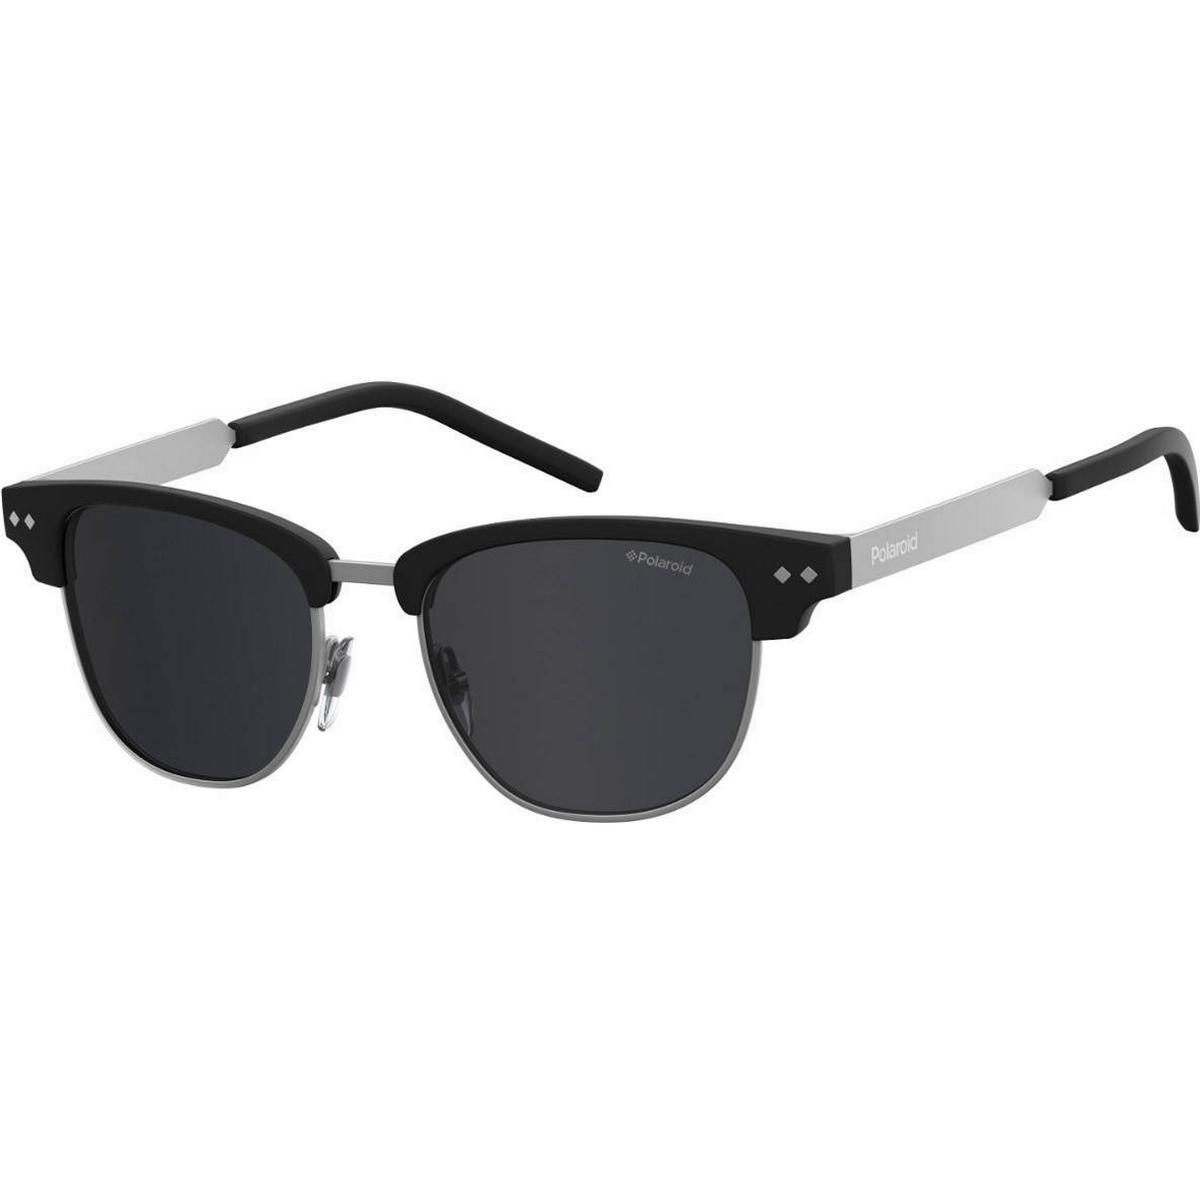 f16d9a798b55 Polaroid UV-beskyttelse Solbriller - Sammenlign priser hos PriceRunner